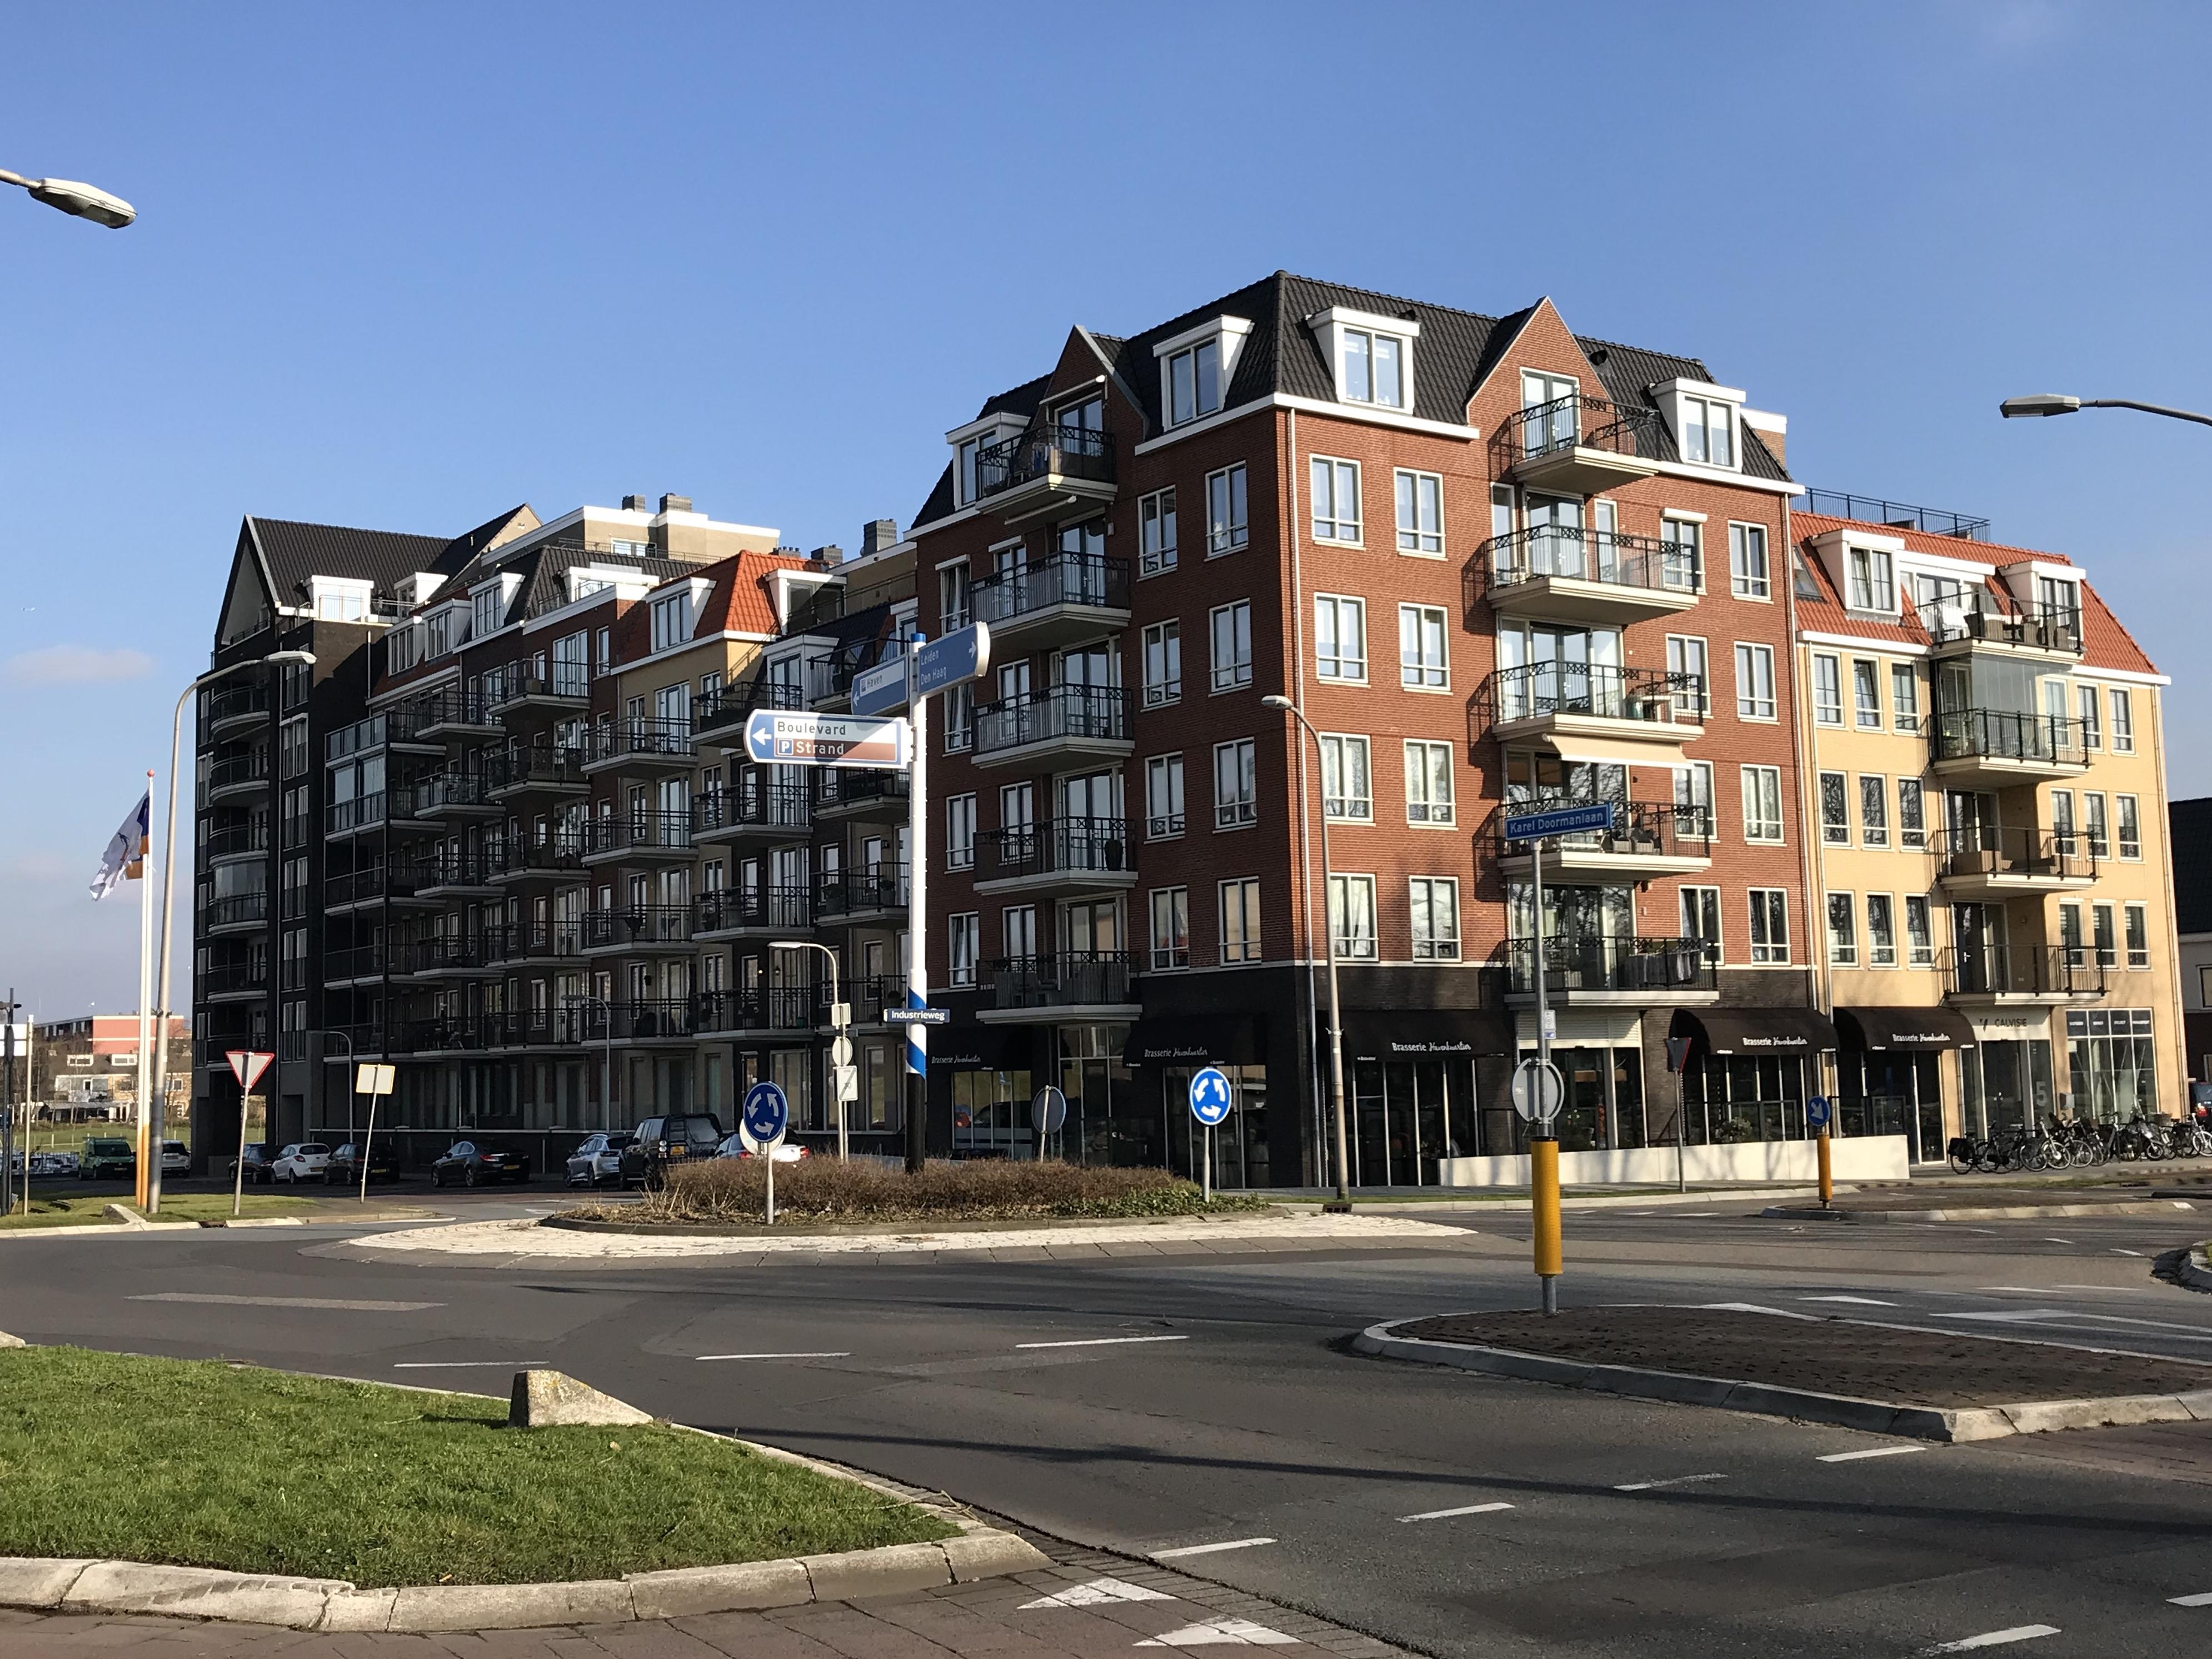 Appartementen en commerciele ruimten, Katwijk